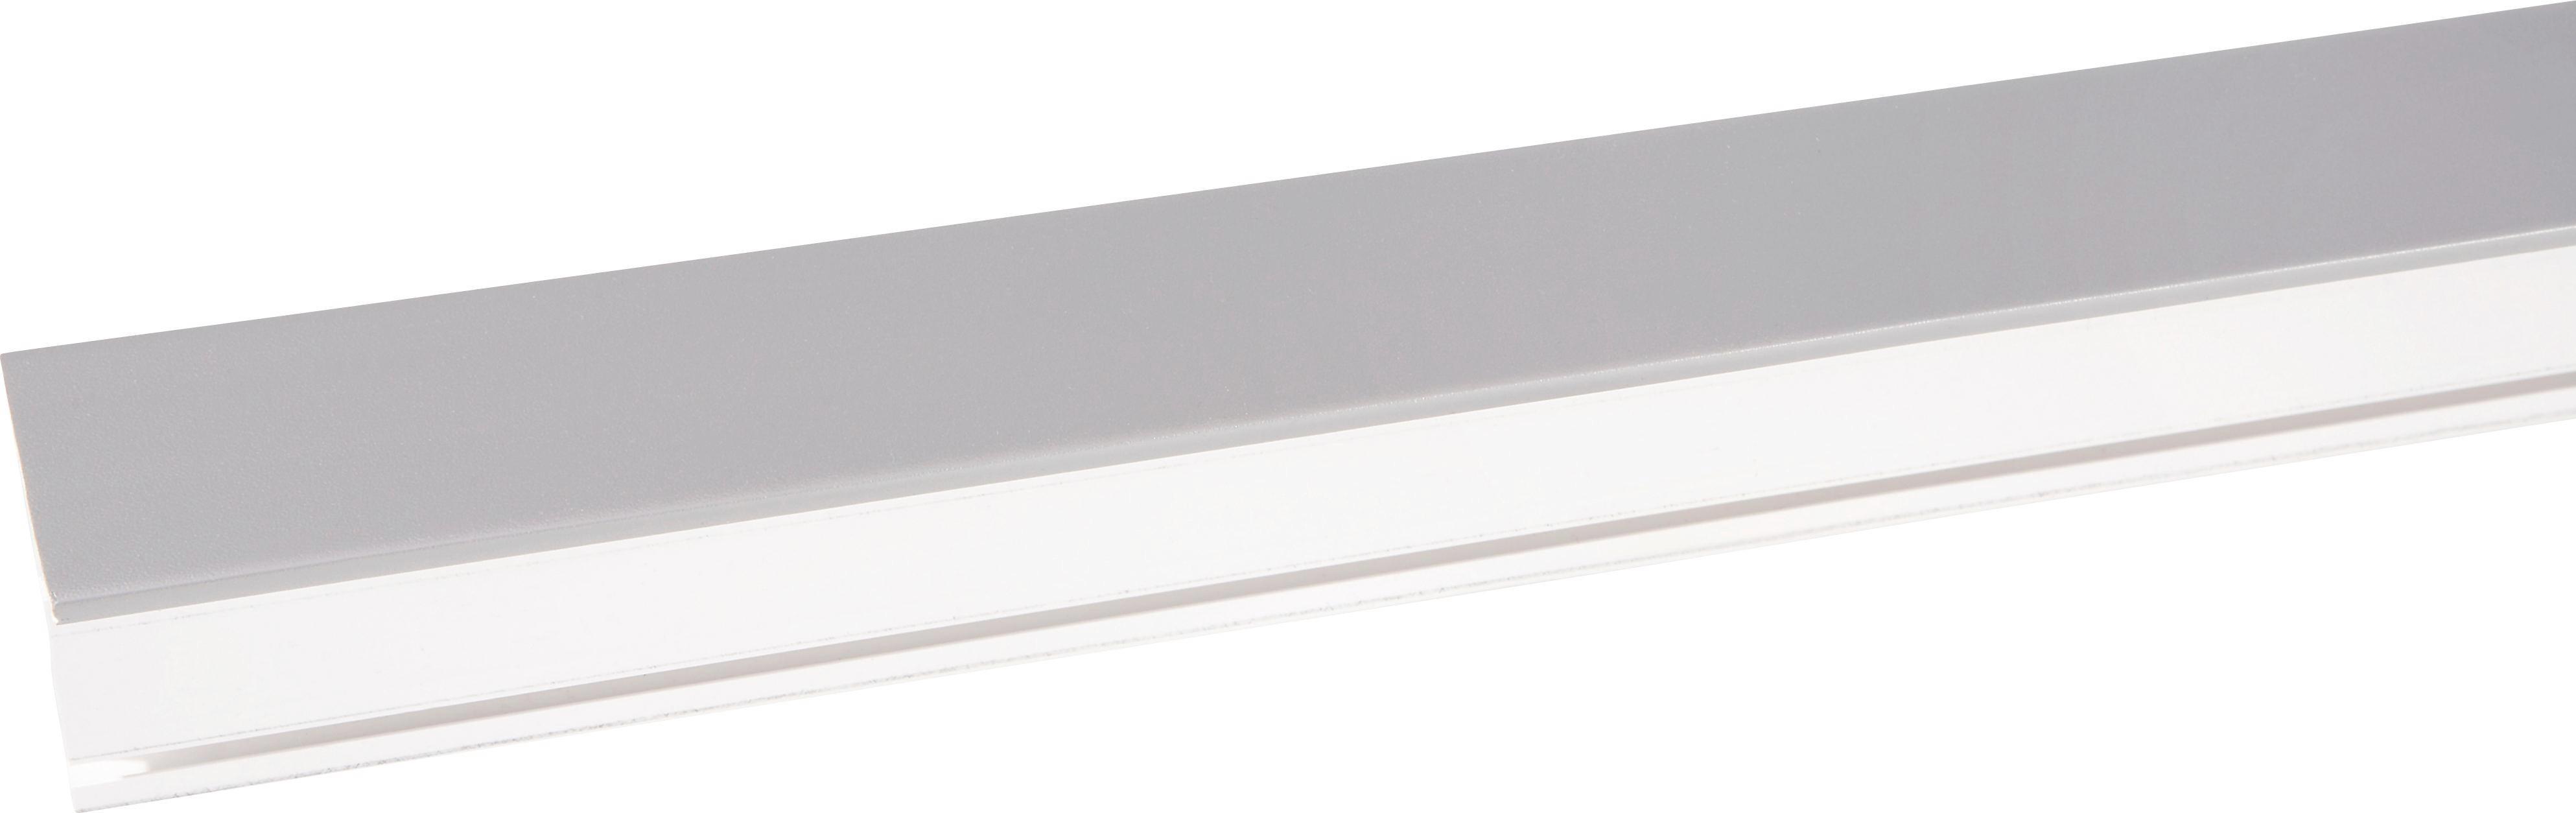 Függönysín Szürke - fehér/szürke, konvencionális, műanyag (150/5/7.5cm) - MÖBELIX